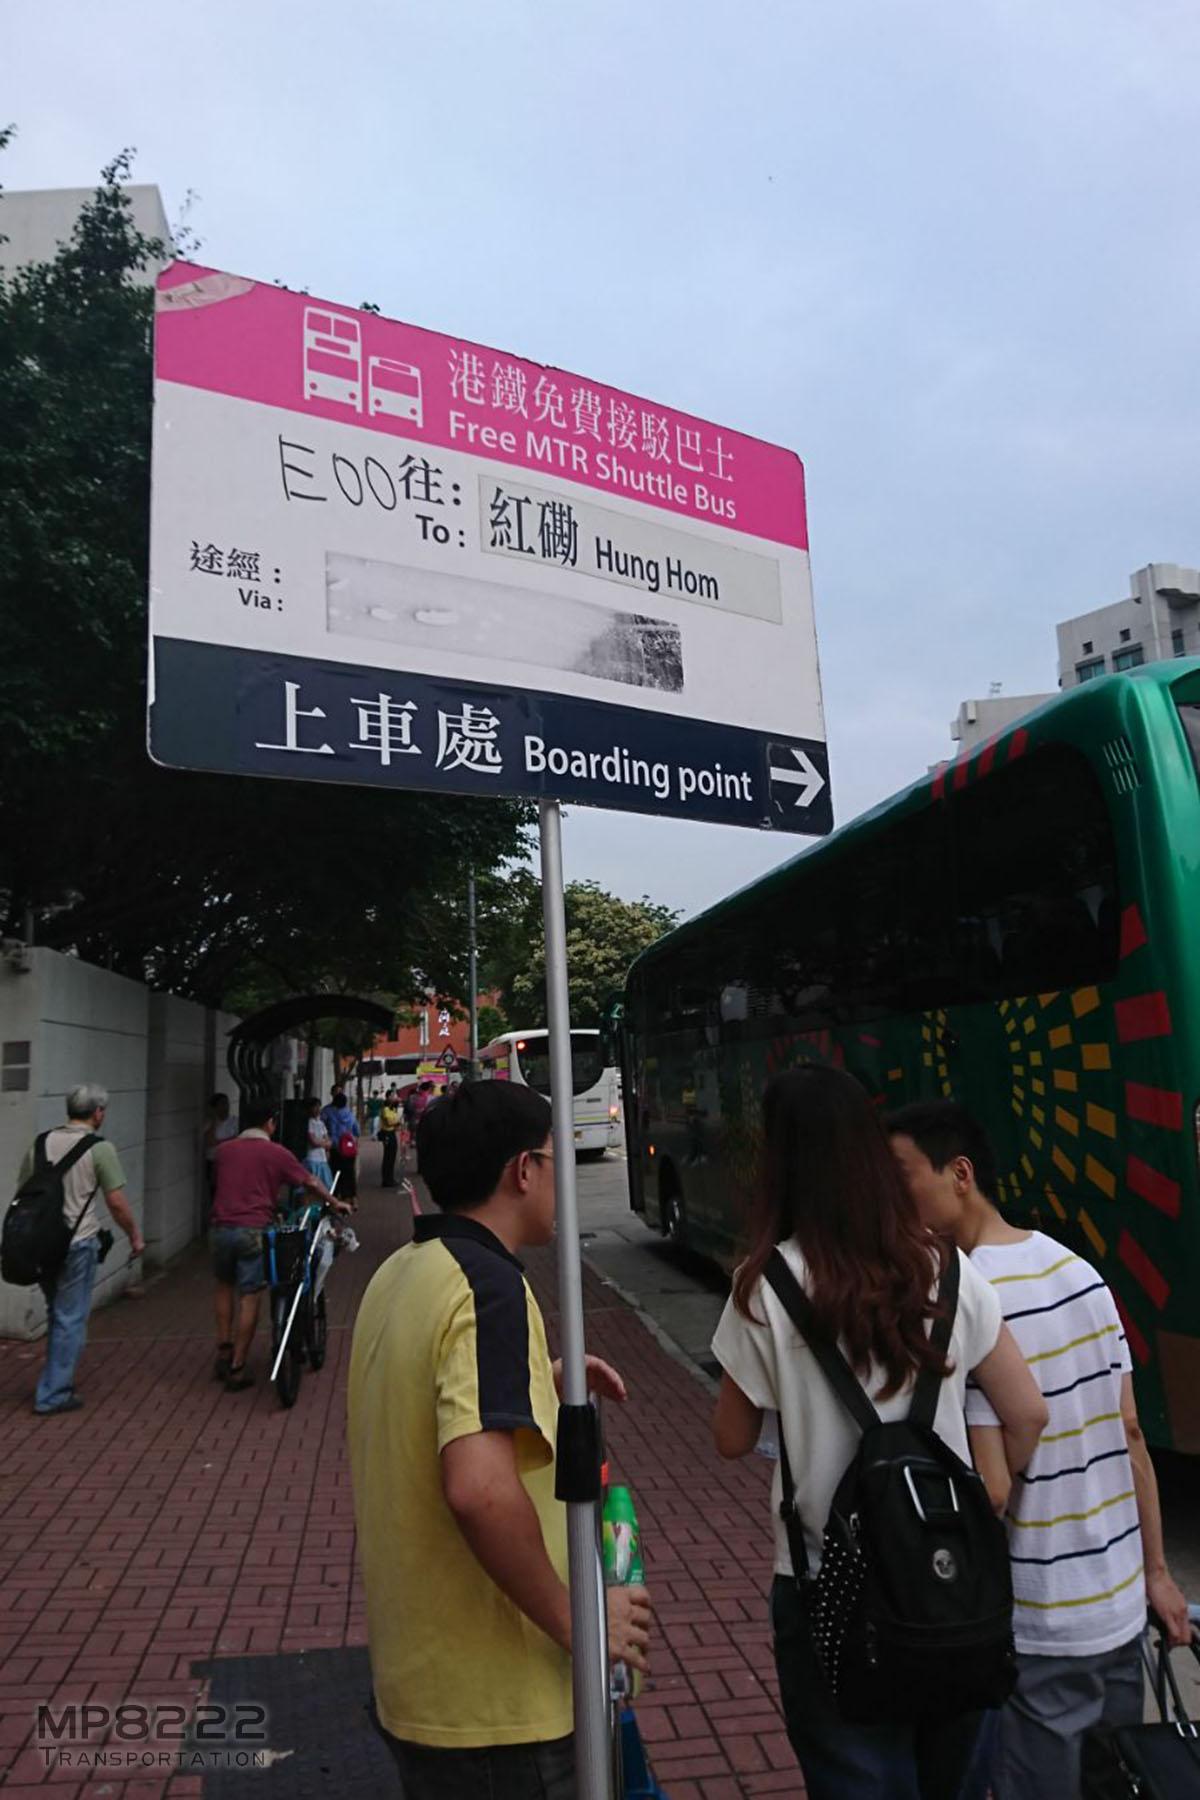 港鐵接駁巴士E00綫